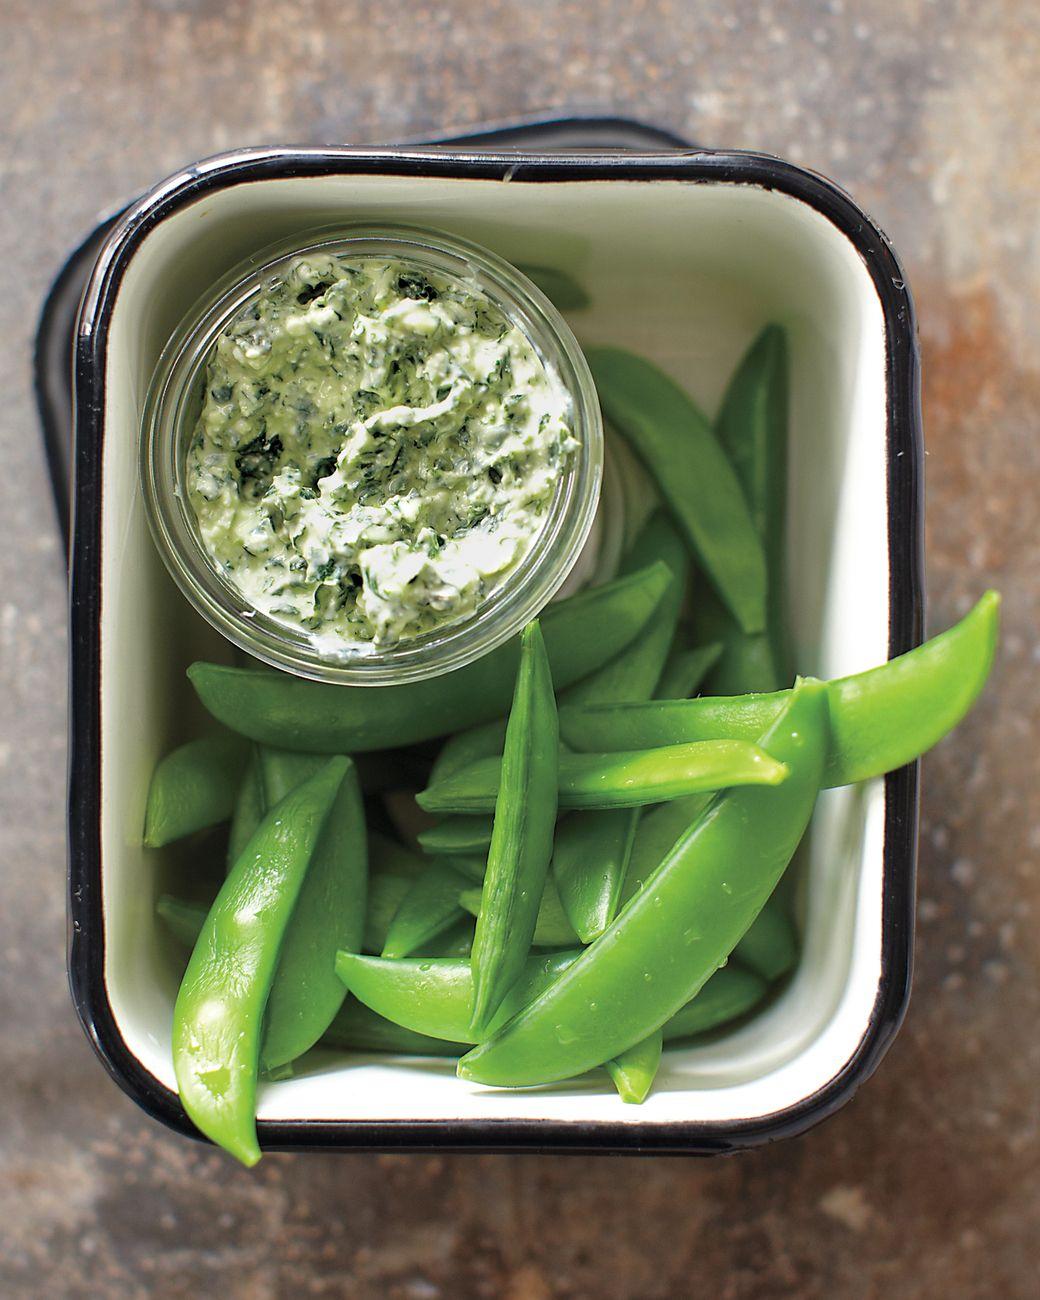 salsa casera de yogur, ajo y eneldo con judías verdes frescas, originales propuestas de aperitivos fáciles